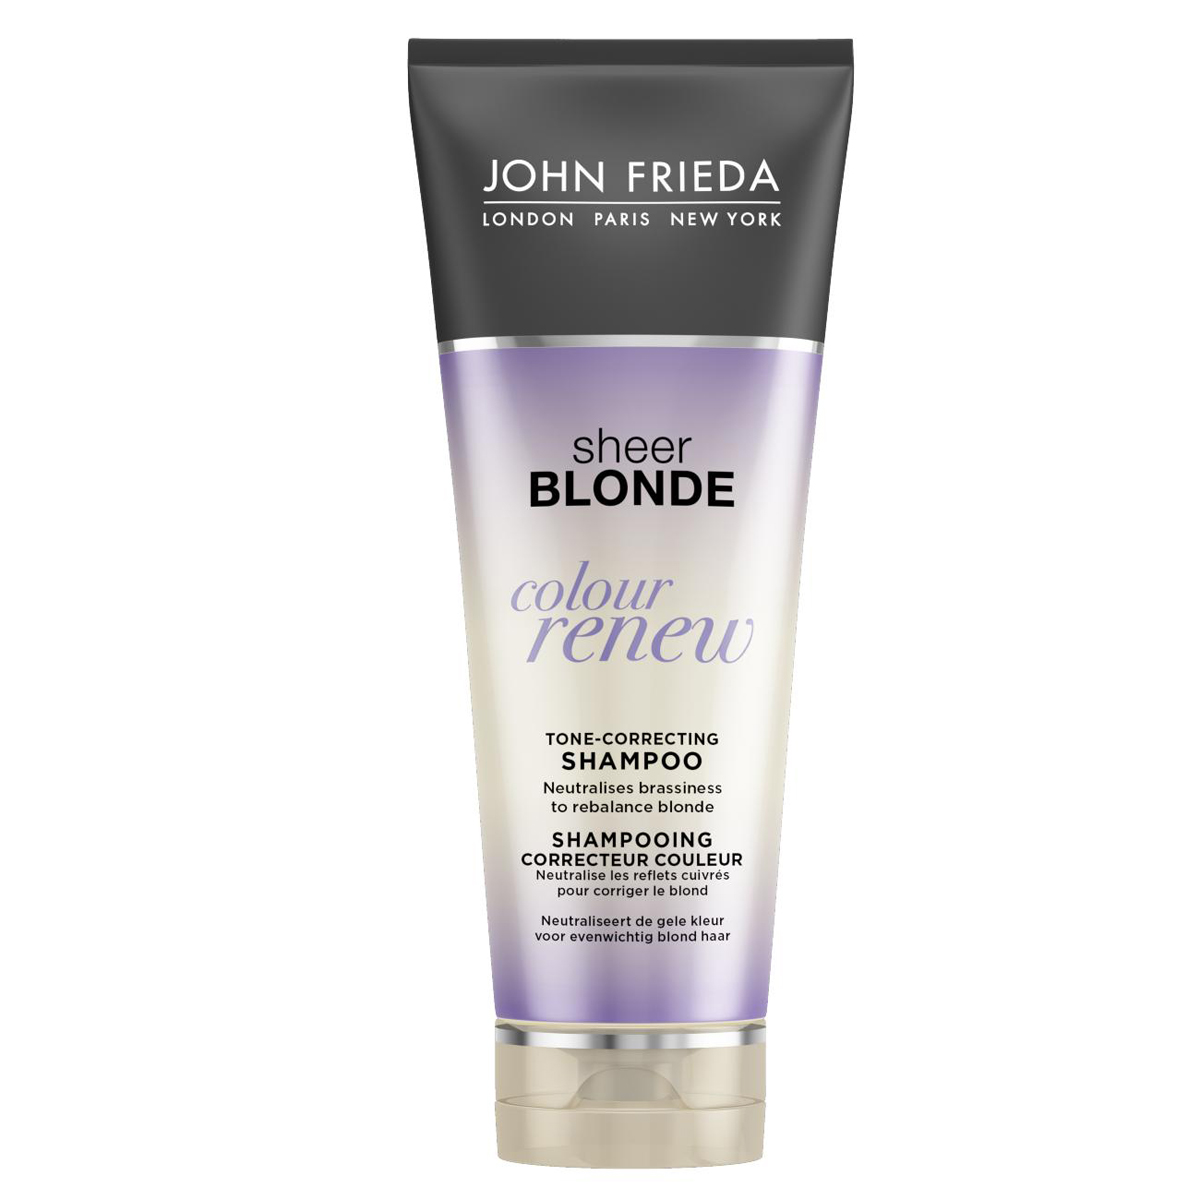 John Frieda Шампунь Sheer Blonde для восстановления оттенка осветленных волос, 250 млjf214110Нейтрализует эффект желтизны и обновляет оттенок, освежает яркость и тон осветления. Блокирует нежелательный желтый оттенок. Шампунь для восстановления и поддержания оттенка осветленных волос нейтрализует желтоватый, медный оттенки и очищает волосы. Применение: Обильно нанесите шампунь на влажные волосы, вспеньте, тщательно смойте и далее используйте шампунь для восстановления и поддержания оттенка осветленных волос Colour Renew. Используйте шампунь до 3 раз в неделю для наилучшего результата.